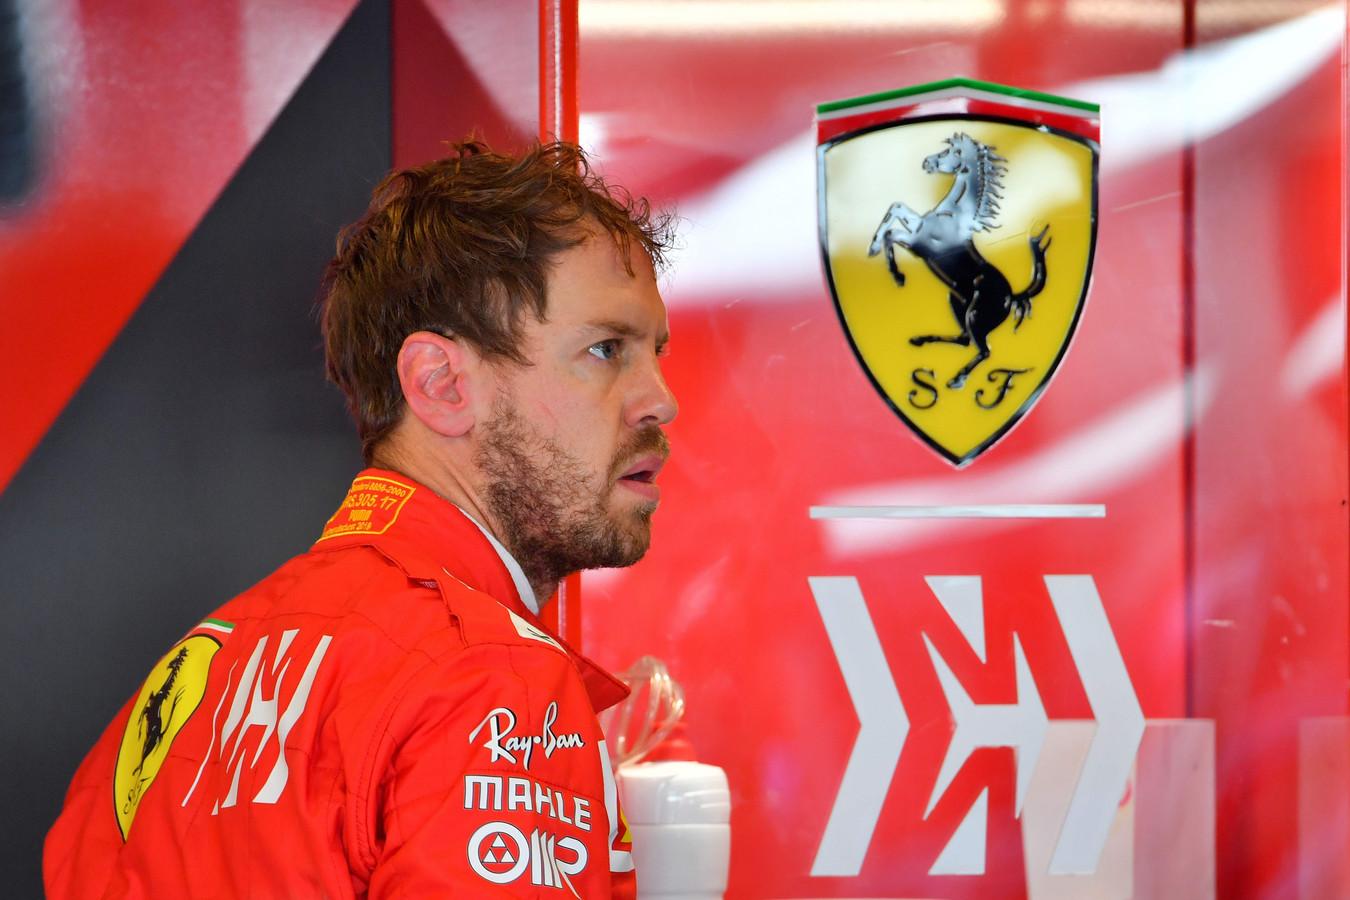 Voor Sebastian Vettel viel er weinig te juichen.